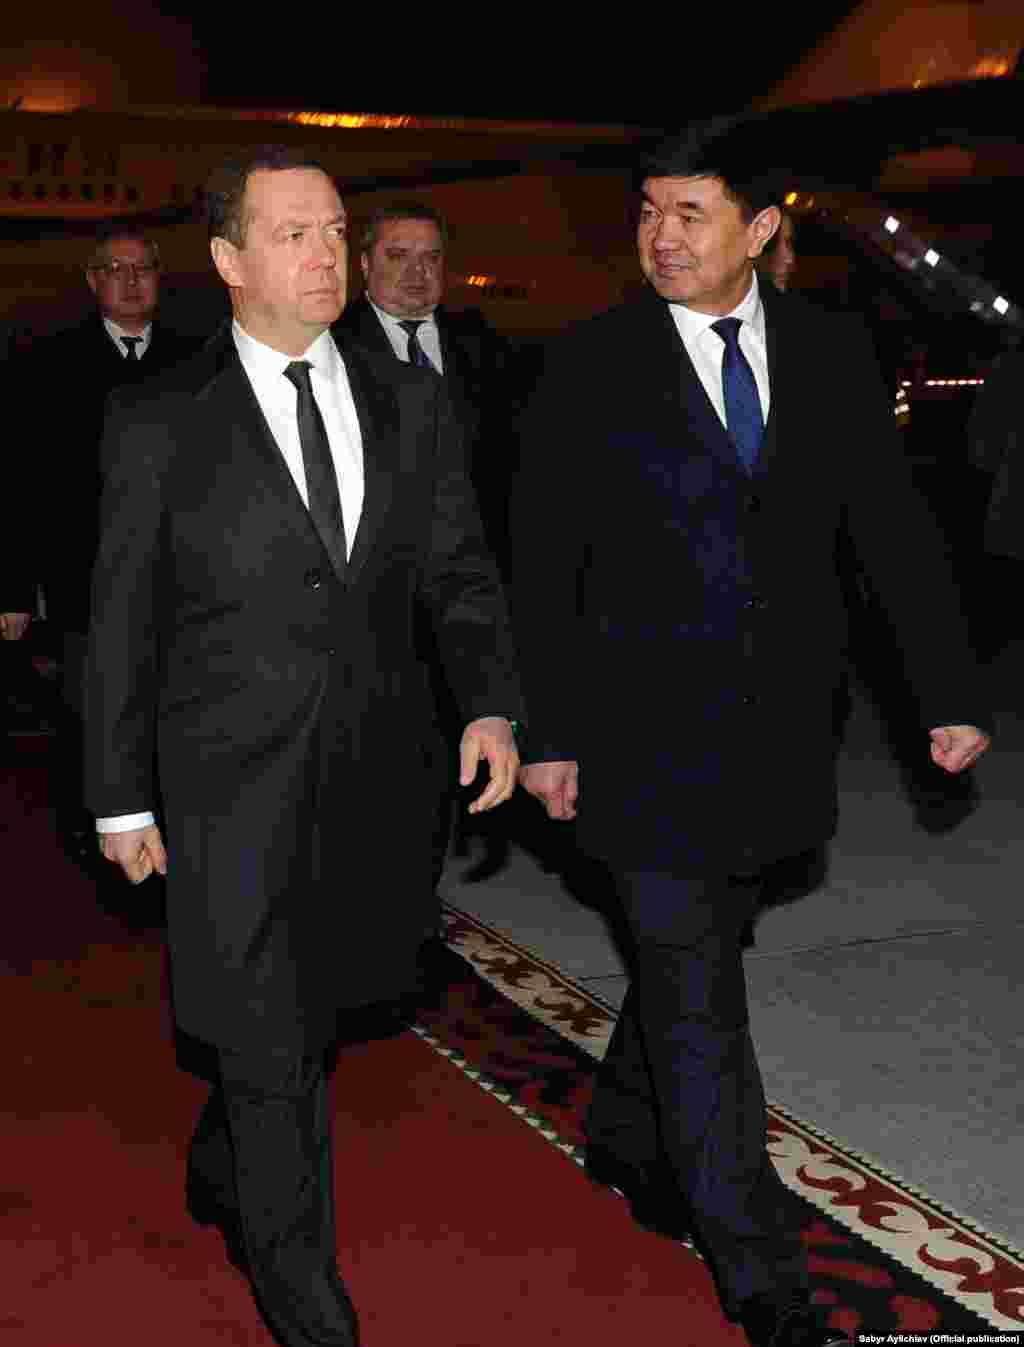 Премьер-министра России Дмитрия Медведева в аэропорту встретил первый вице-премьер-министрМухамметкалый Абулгазиев.